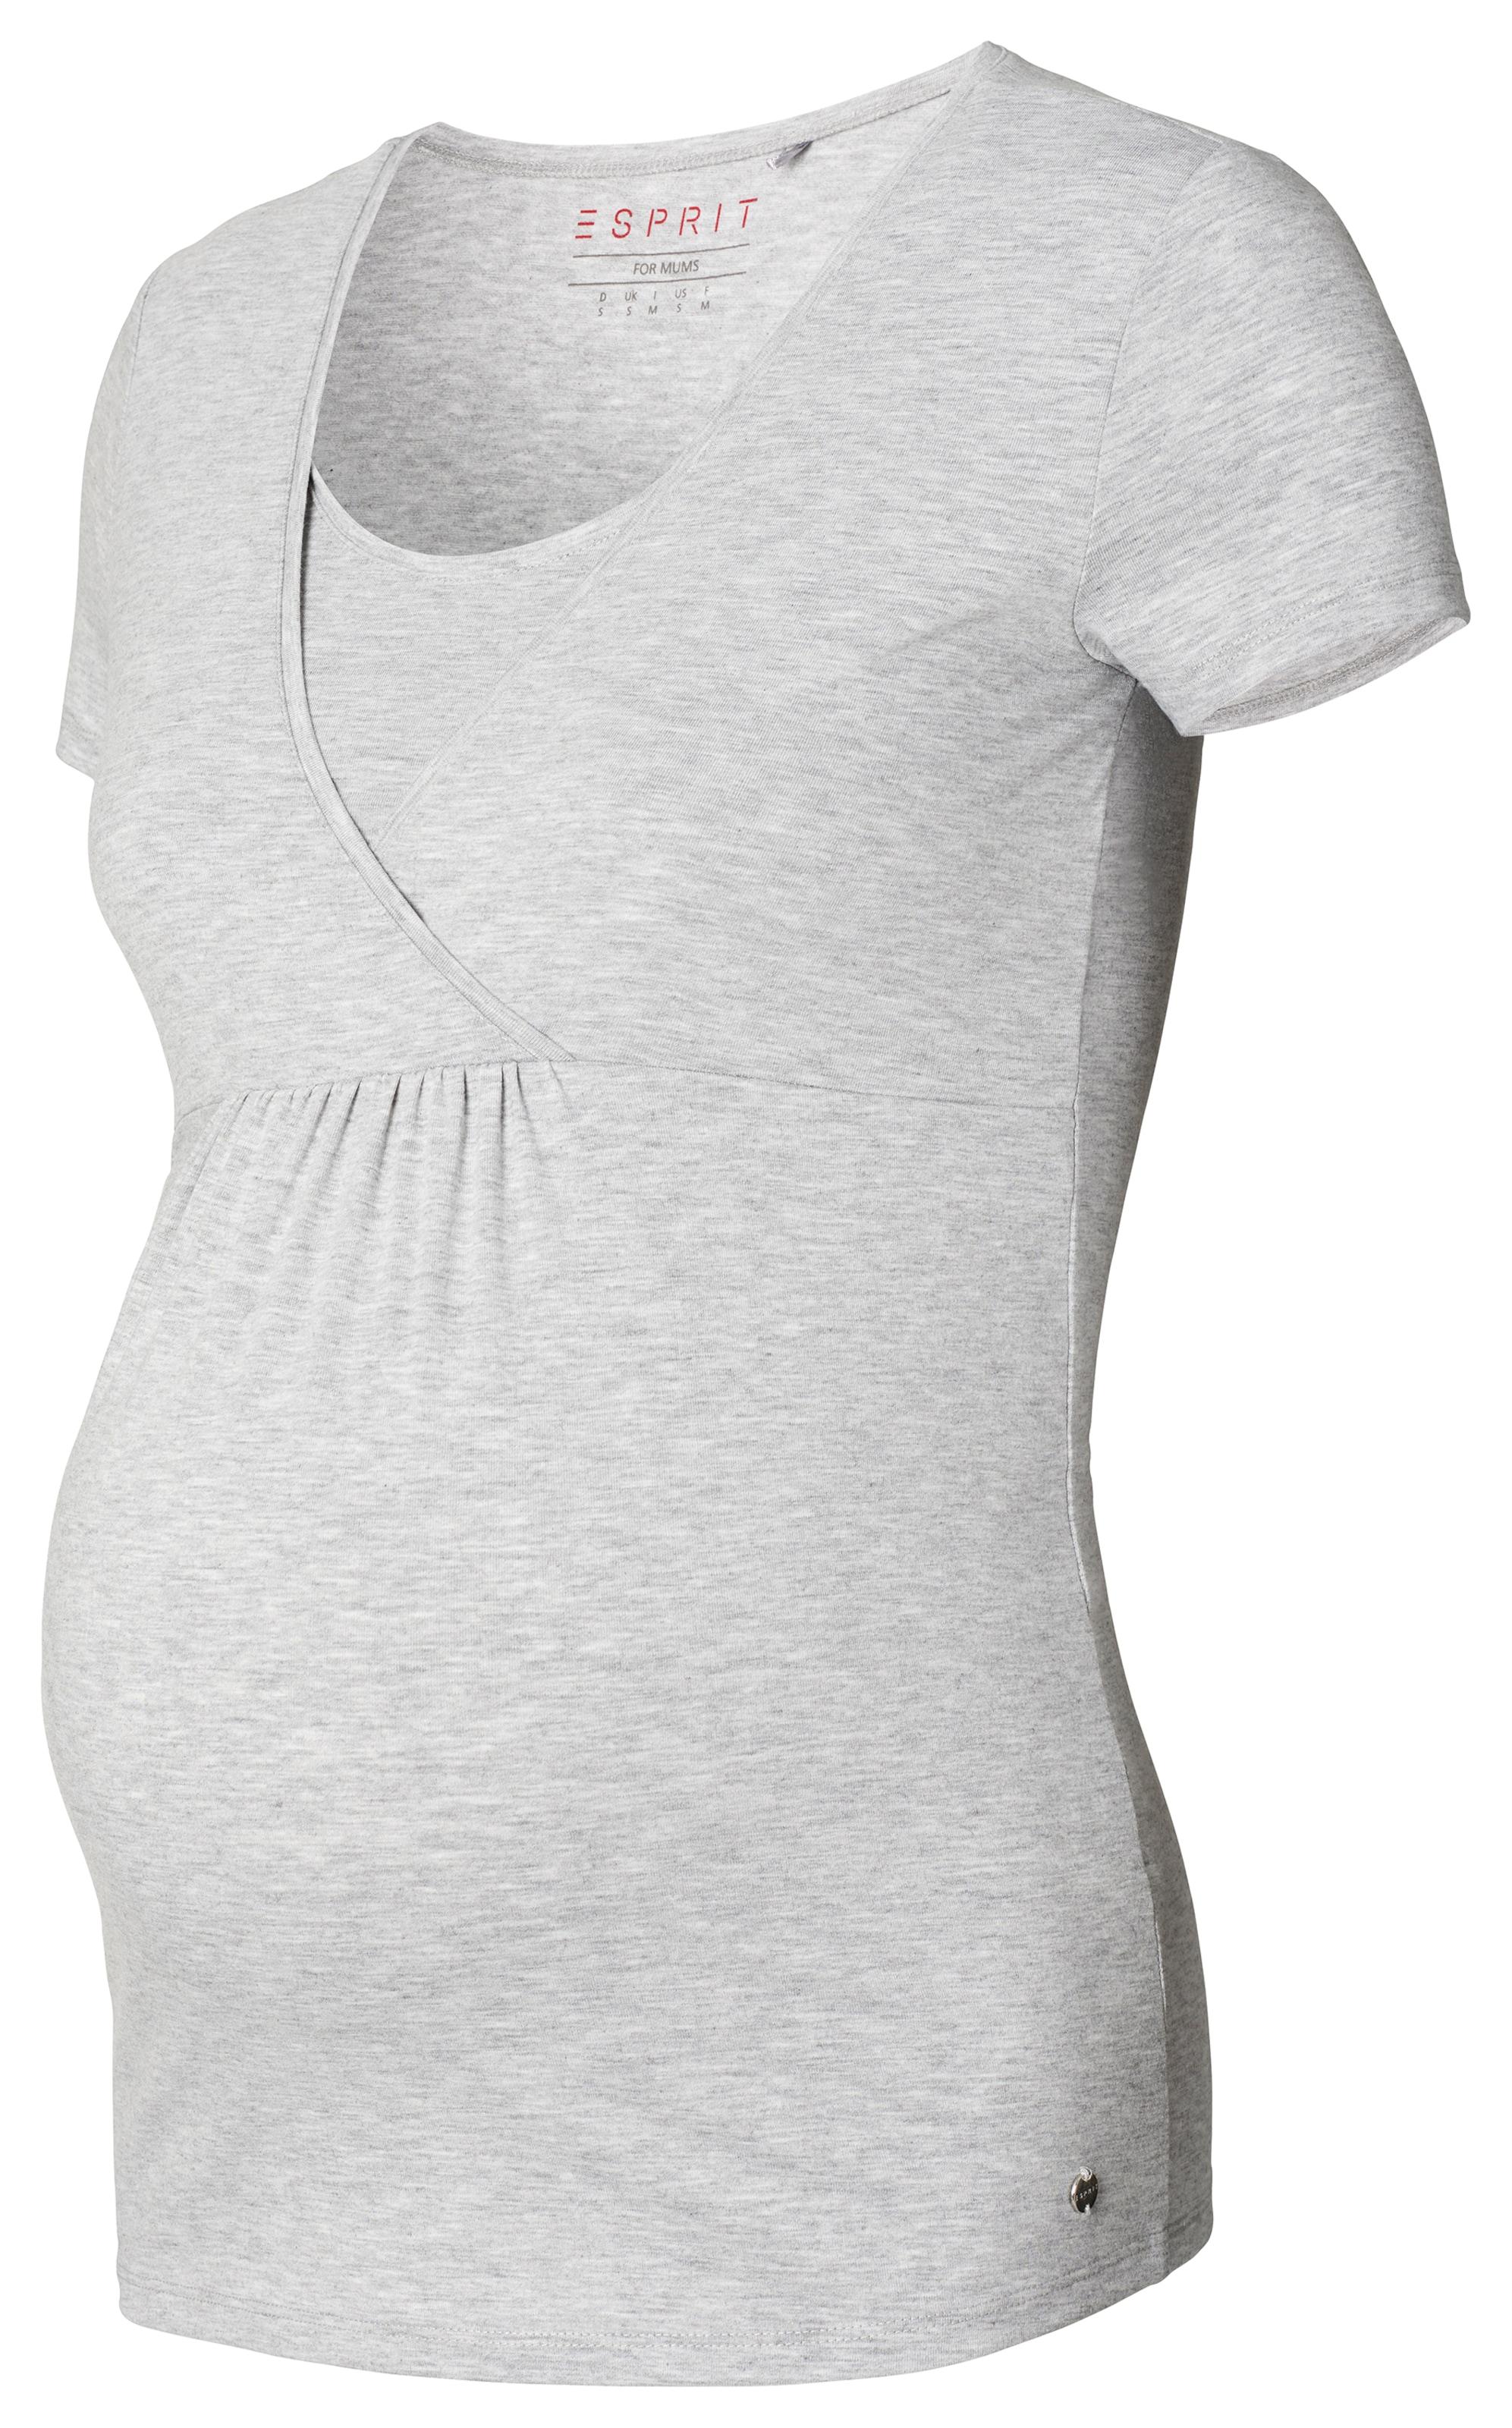 Esprit Still Grau Maternity shirt In rBWdxoeC